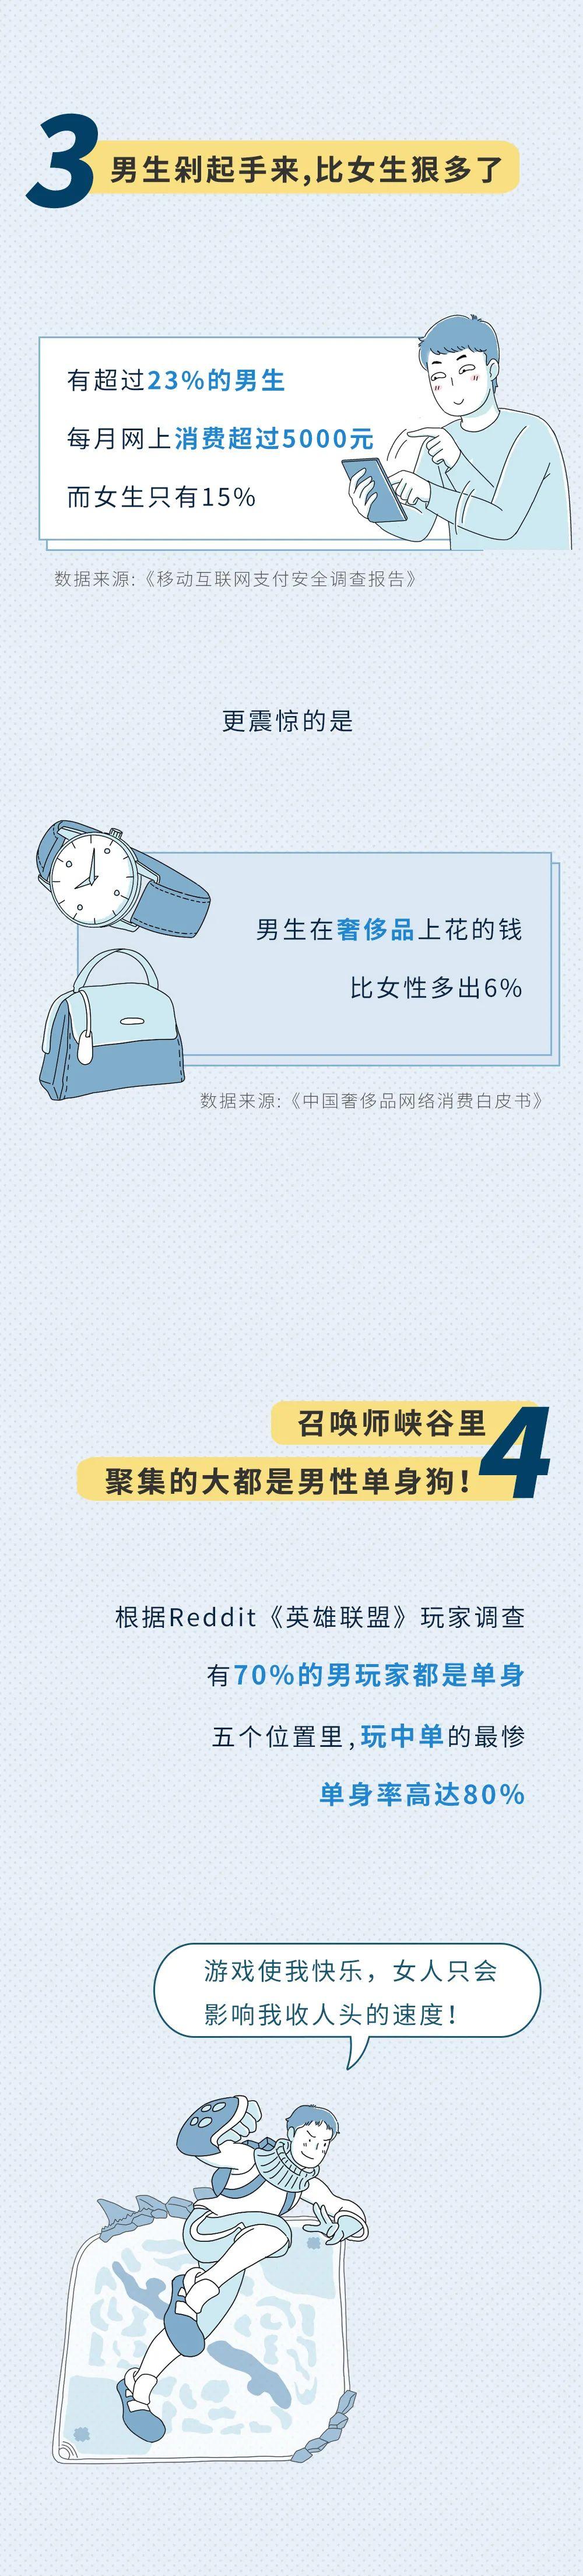 [涨知识]中国男性的私密数据分析…3